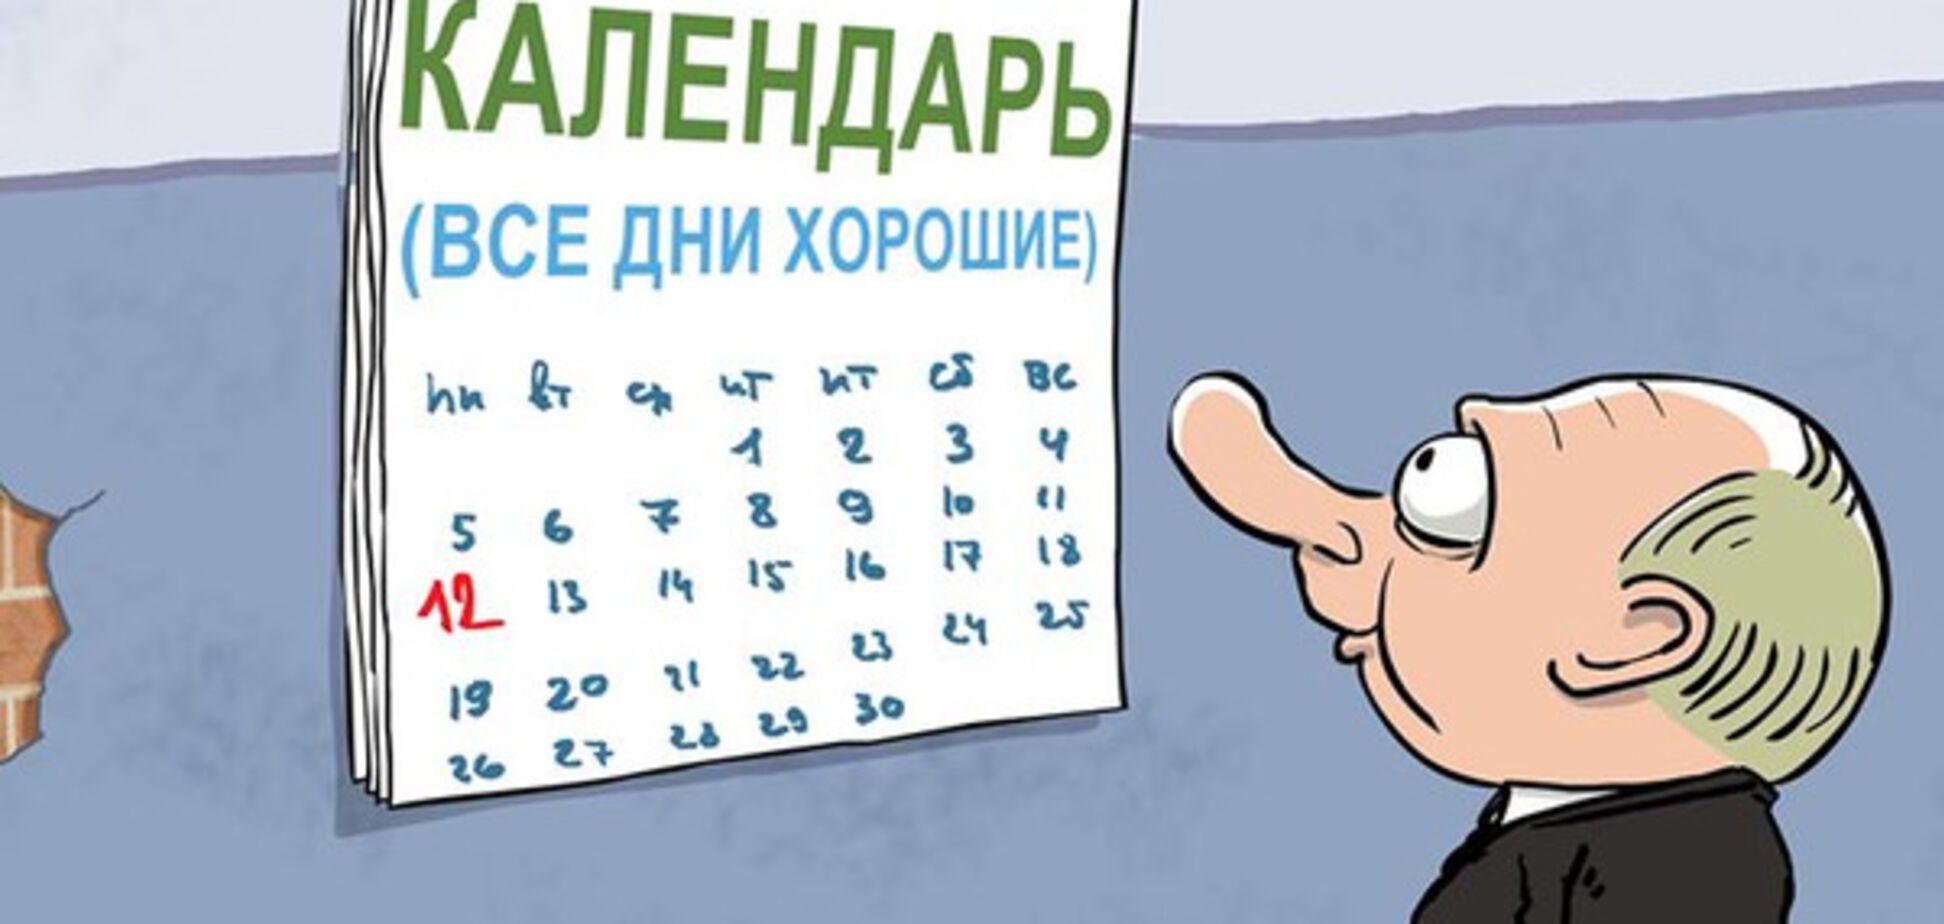 'Я не женщина': российский карикатурист высмеял странное заявление Путина